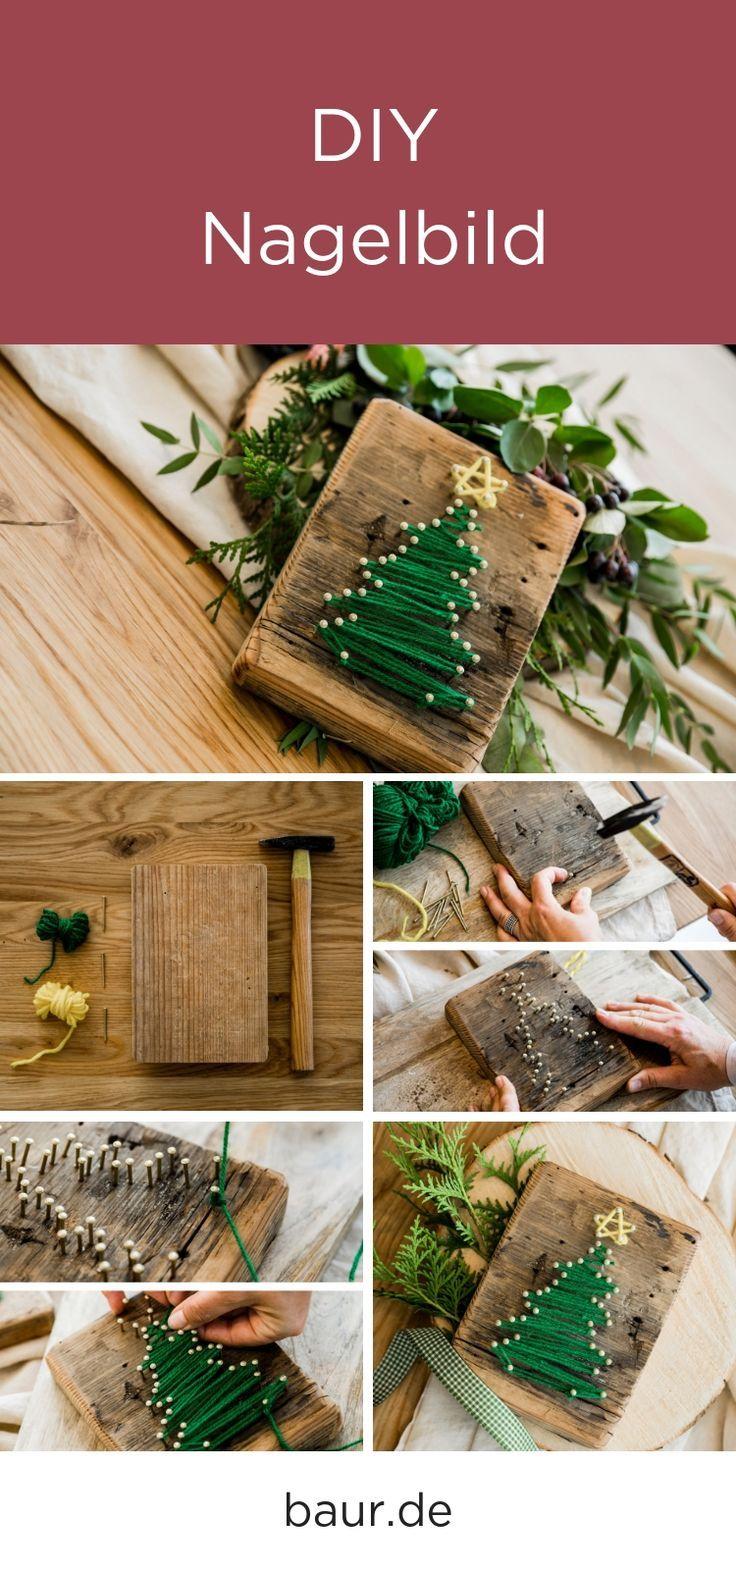 DIY: Nagelbild Weihnachtsbaum, Weihnachtsdekoration selbst gemacht, DIY Geschenk, DIY Dekoration, #Christ … – Diy Deko İdeen